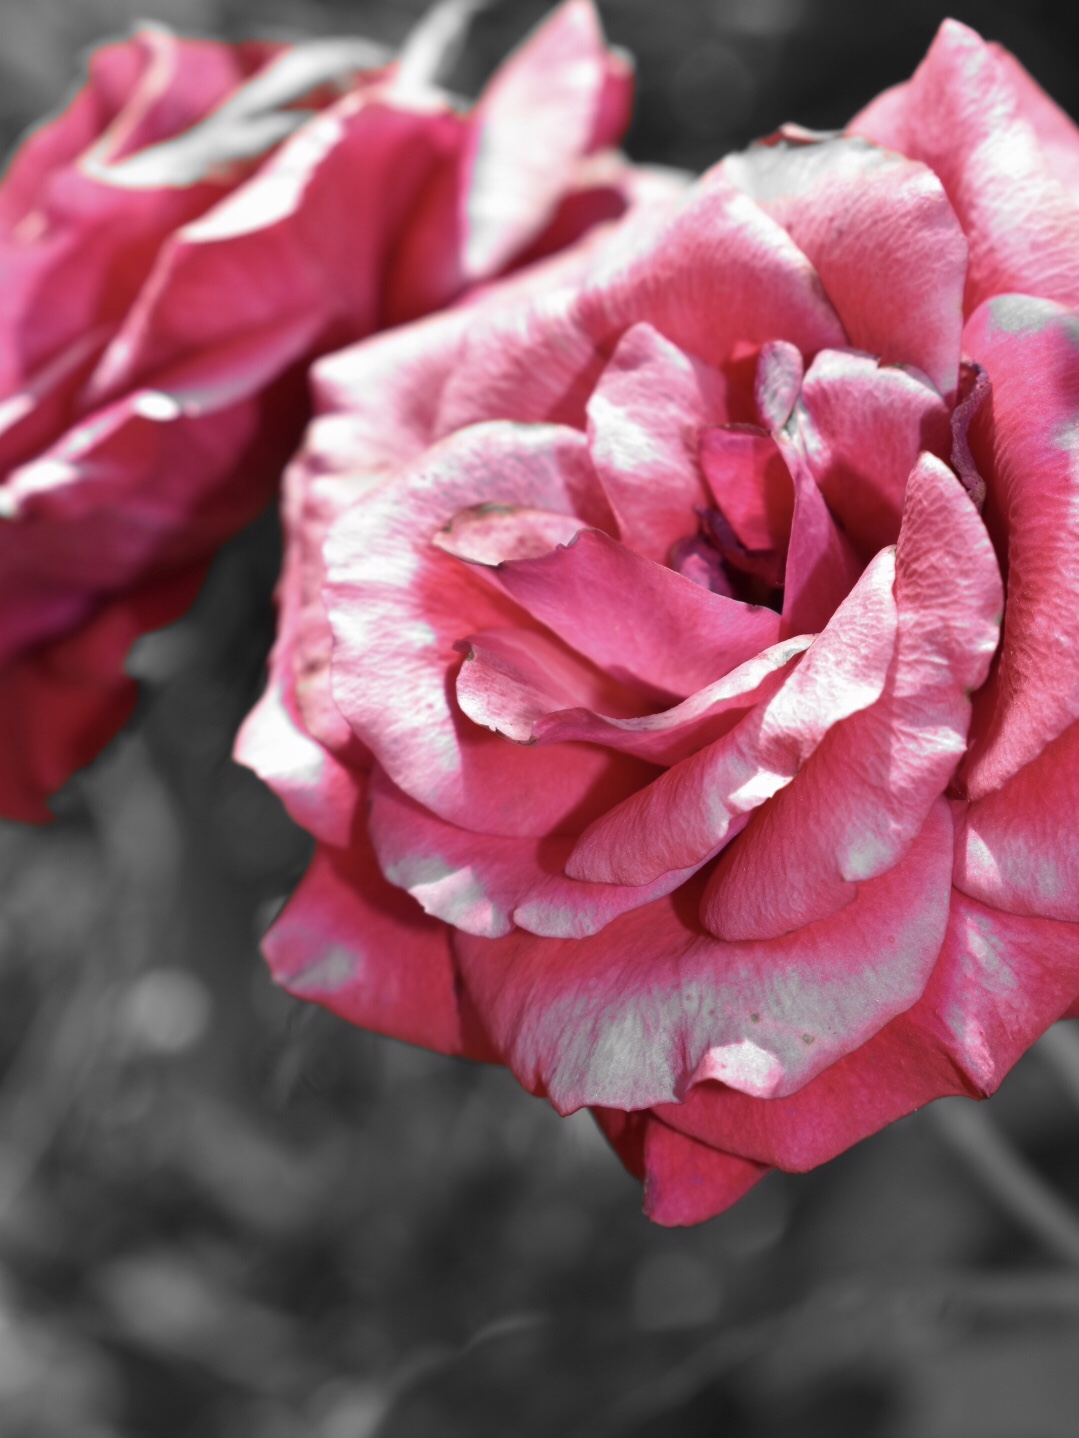 Pinkfarbene Rosen